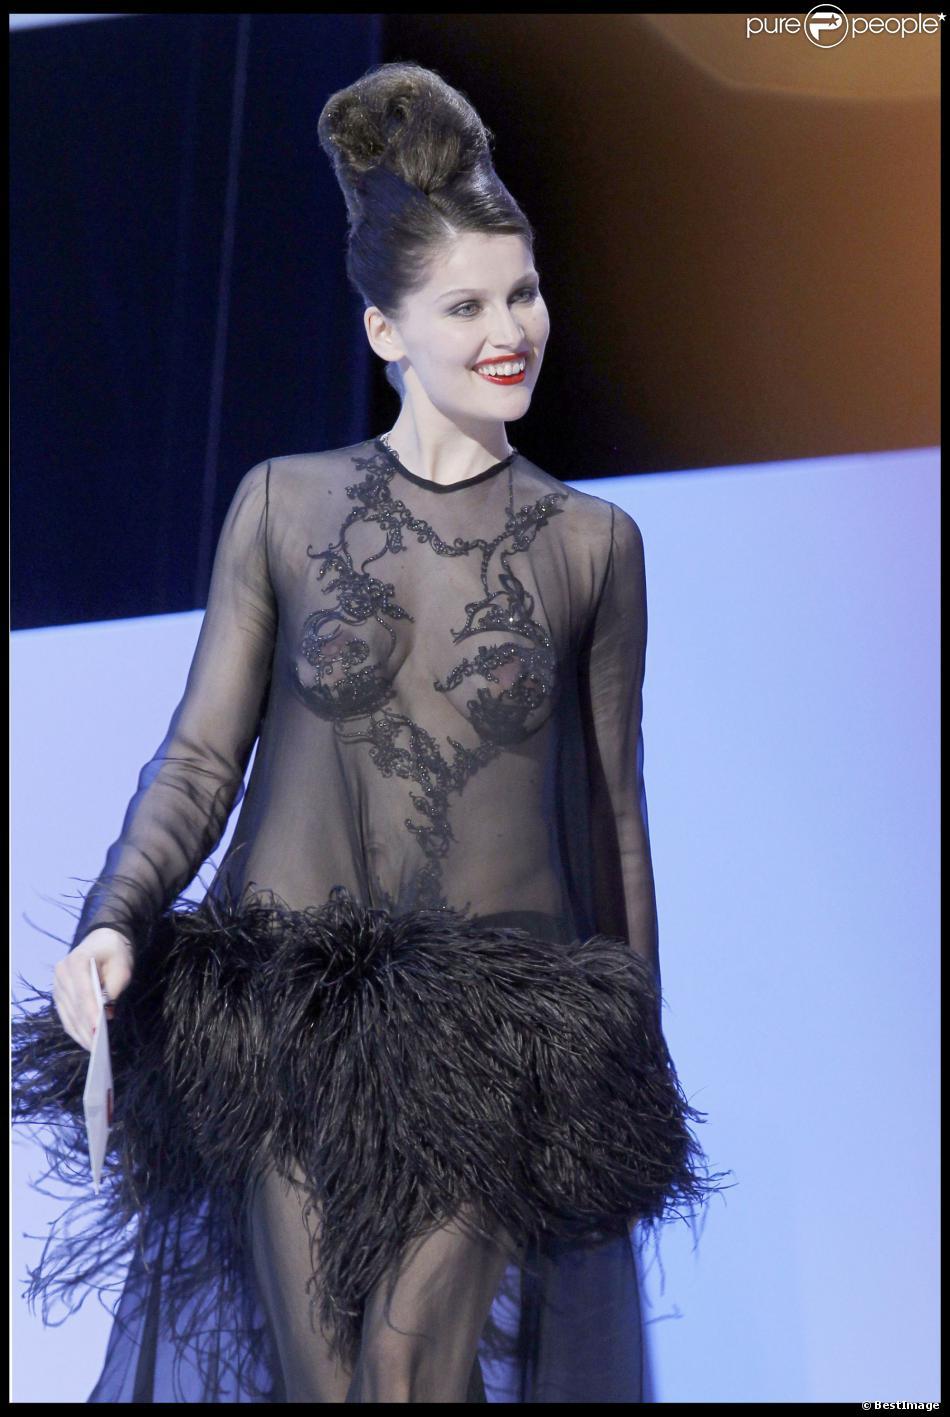 Laetitia Casta portant une création haute-couture Yves Saint Laurent lors de la cérémonie des César le 27 février 2010. Elle était venue remettre le César du meilleur second rôle masculin à Niels Arestrup pour Un prophète.